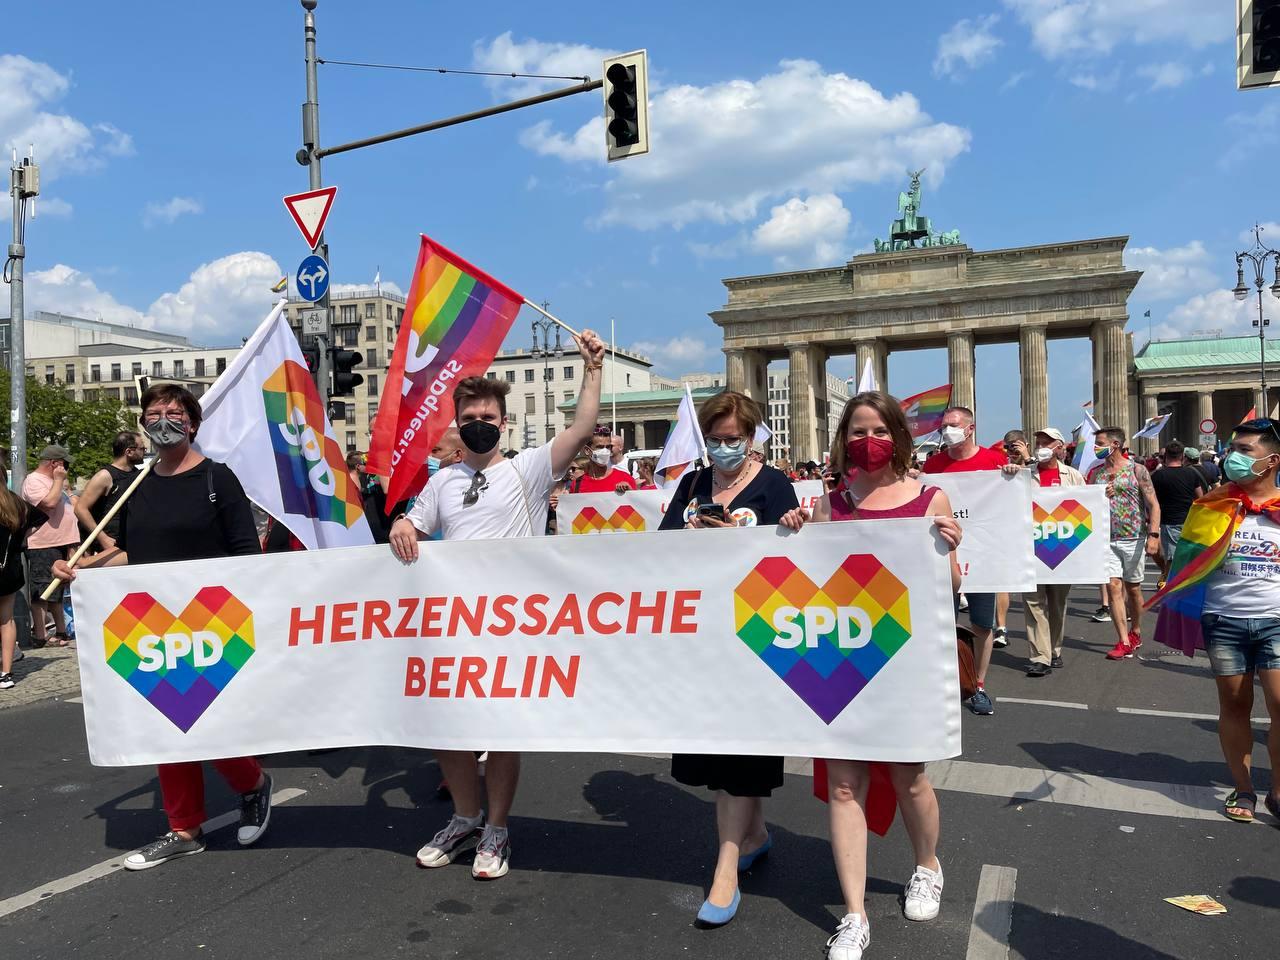 Herzenssache Berlin